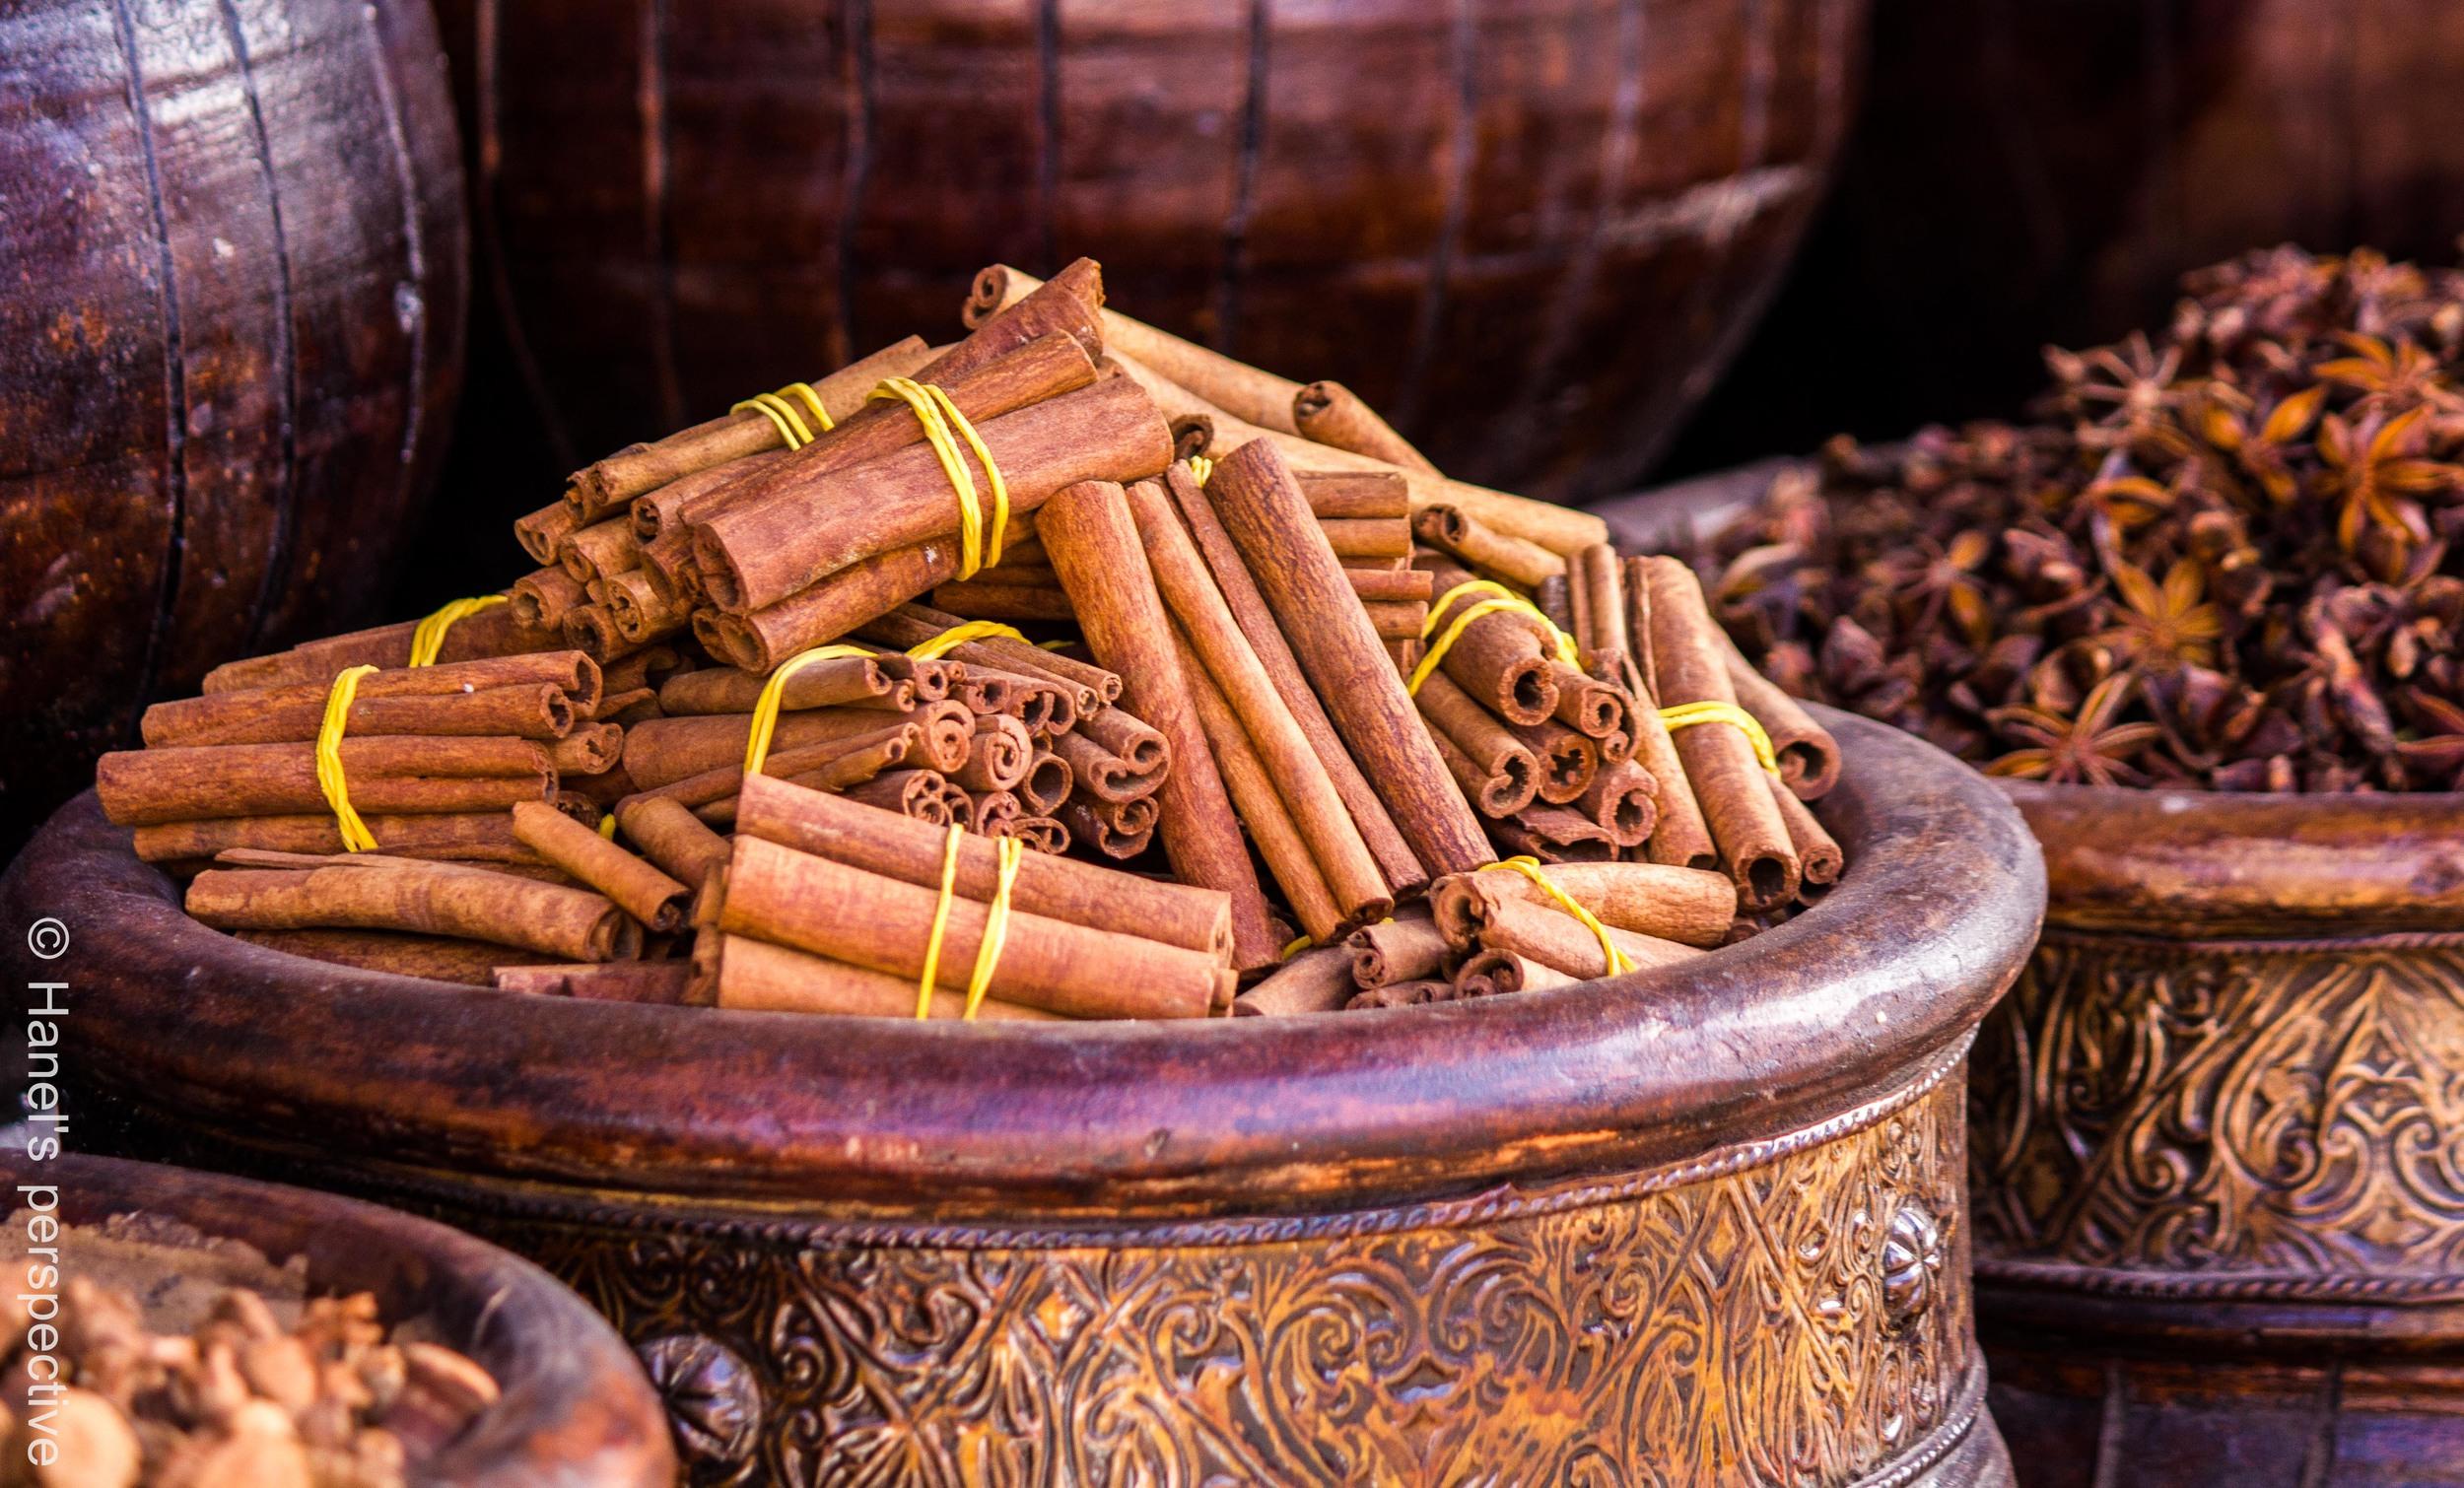 RAK Medina souk spices 2.jpg